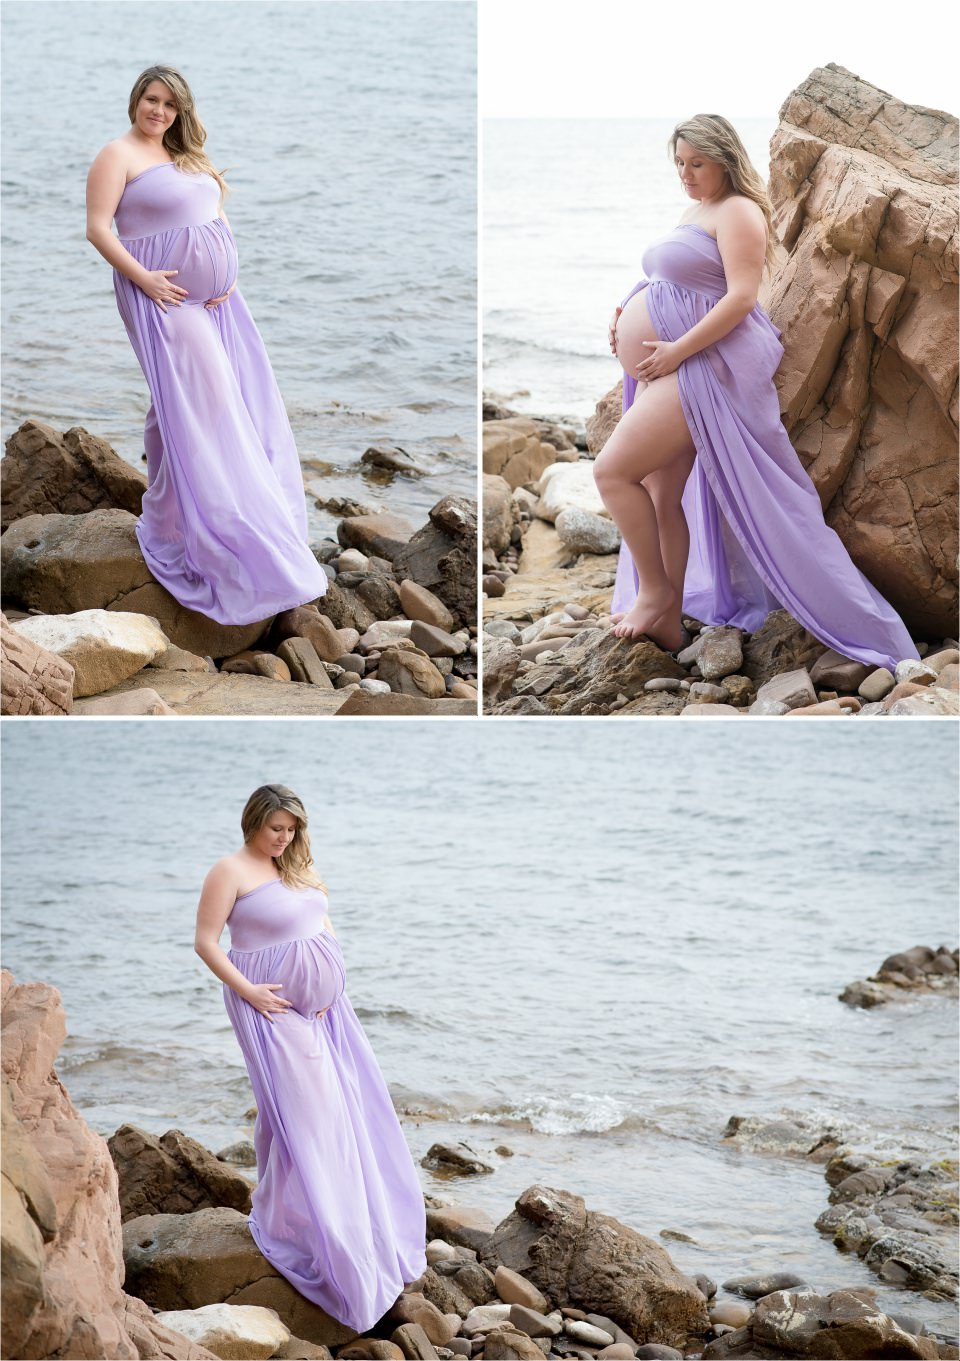 séance de maternité à la plage